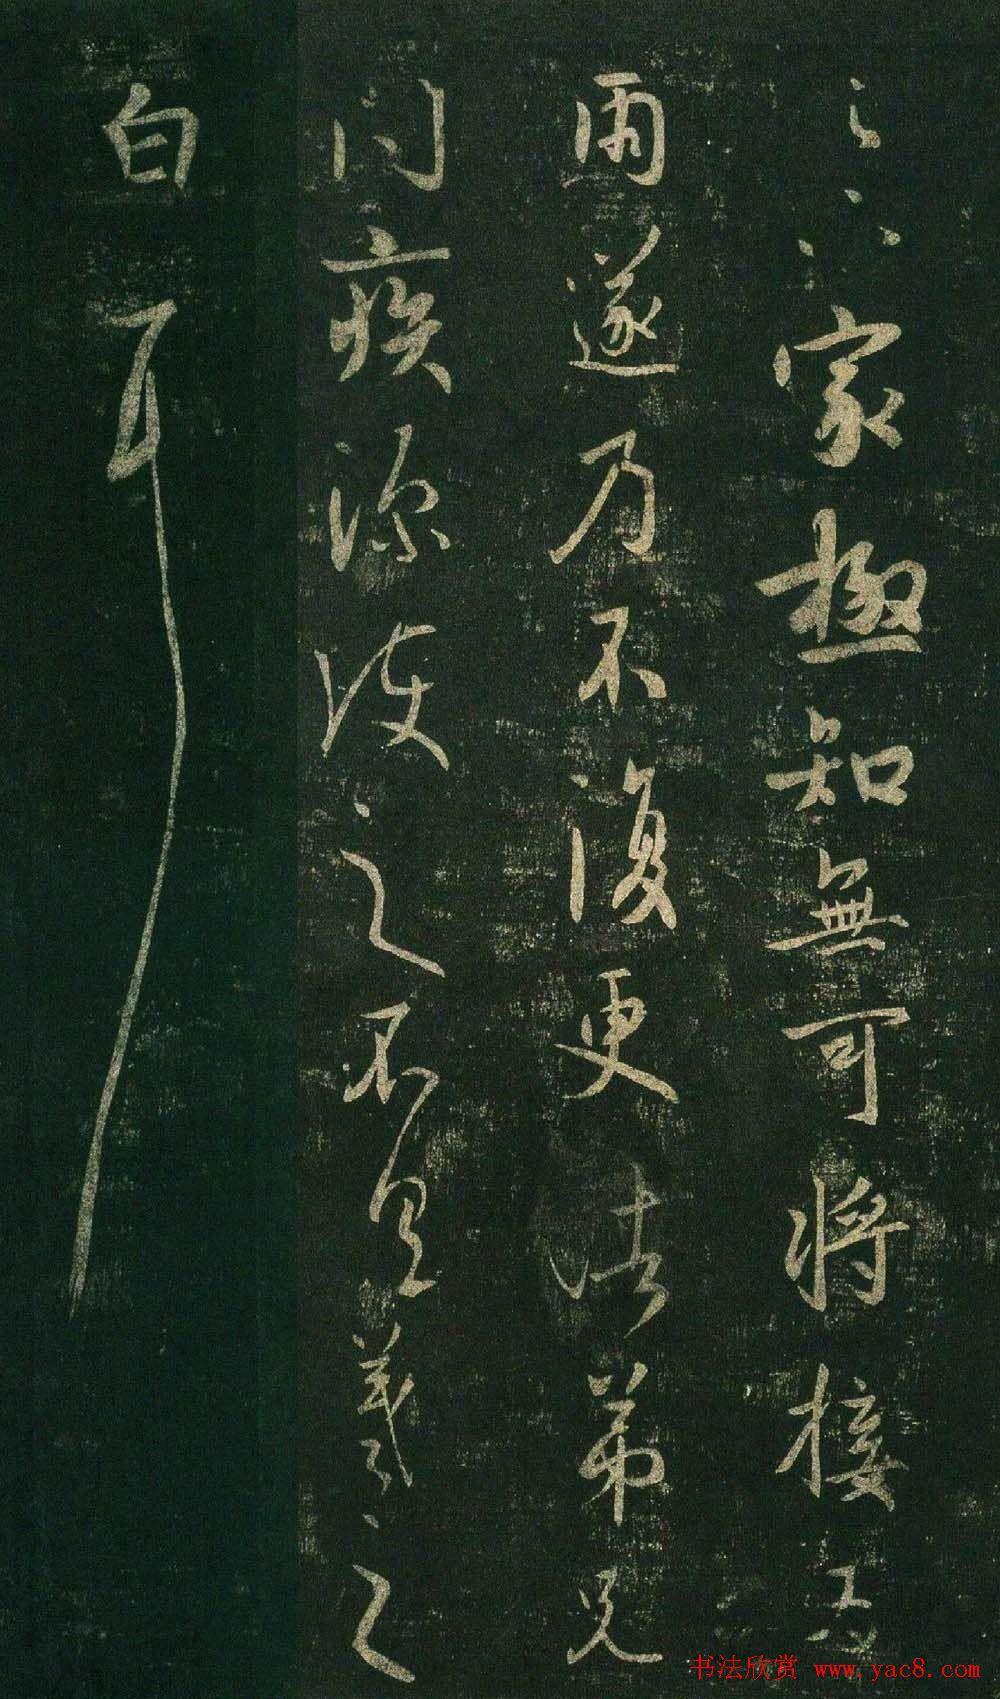 王羲之行草书法欣赏《足下家帖》